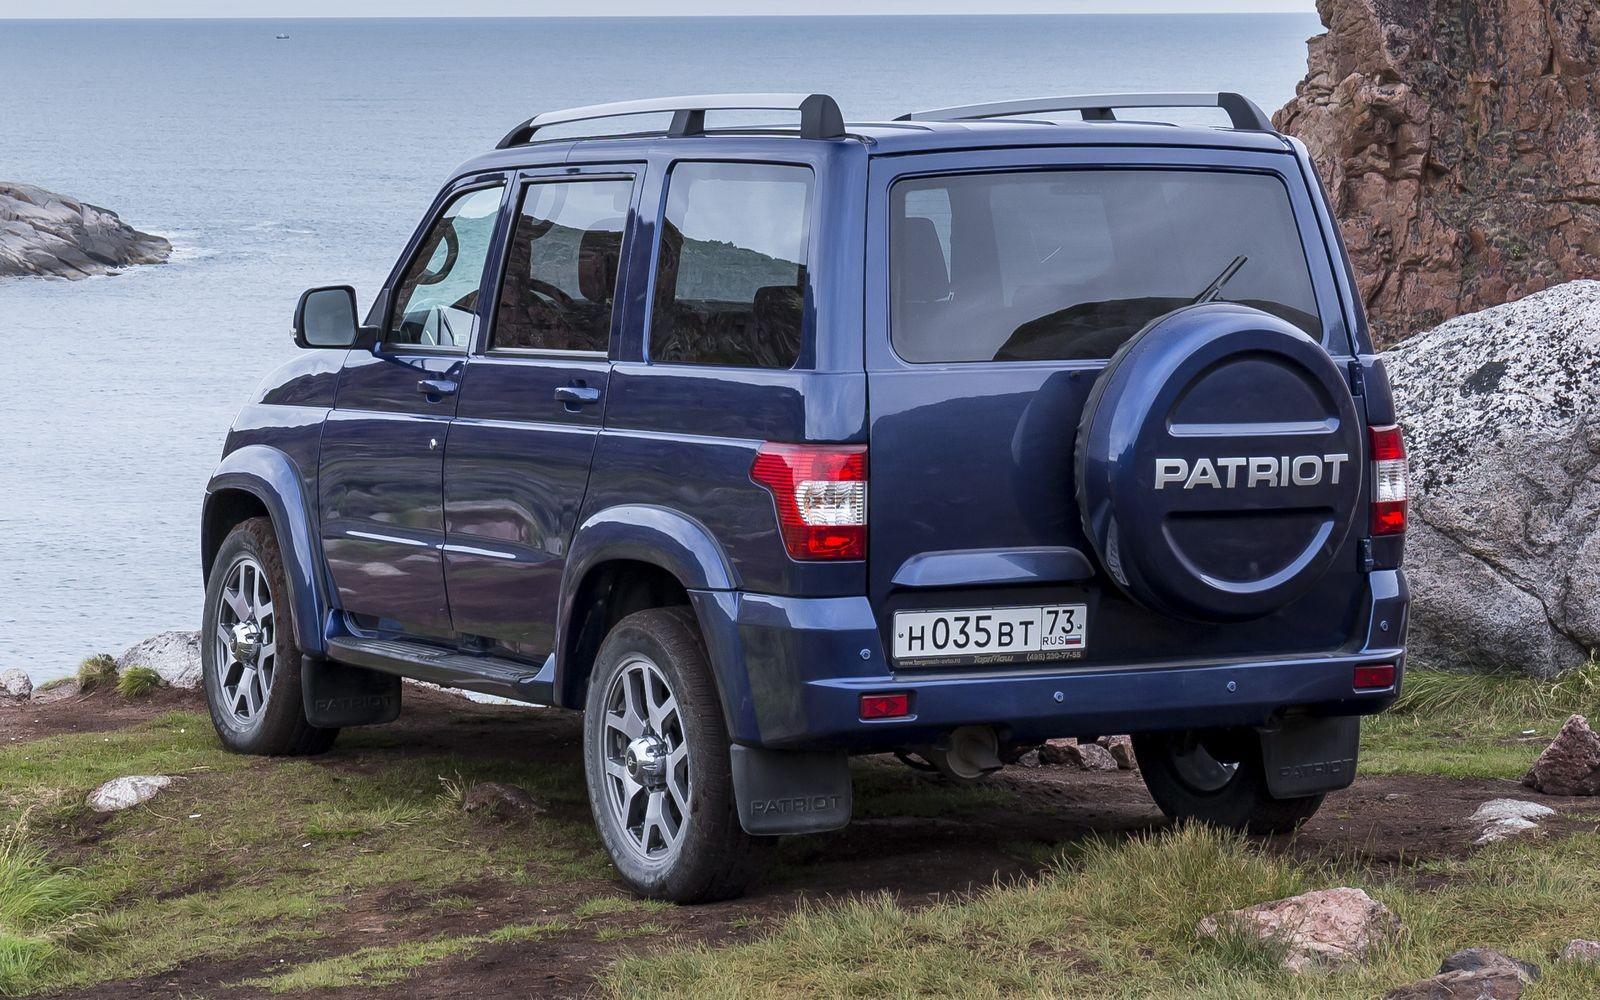 Отличить самый свежий Патриот от предшественников можно по слегка подретушированным бамперам и колесным дискам нового дизайна.